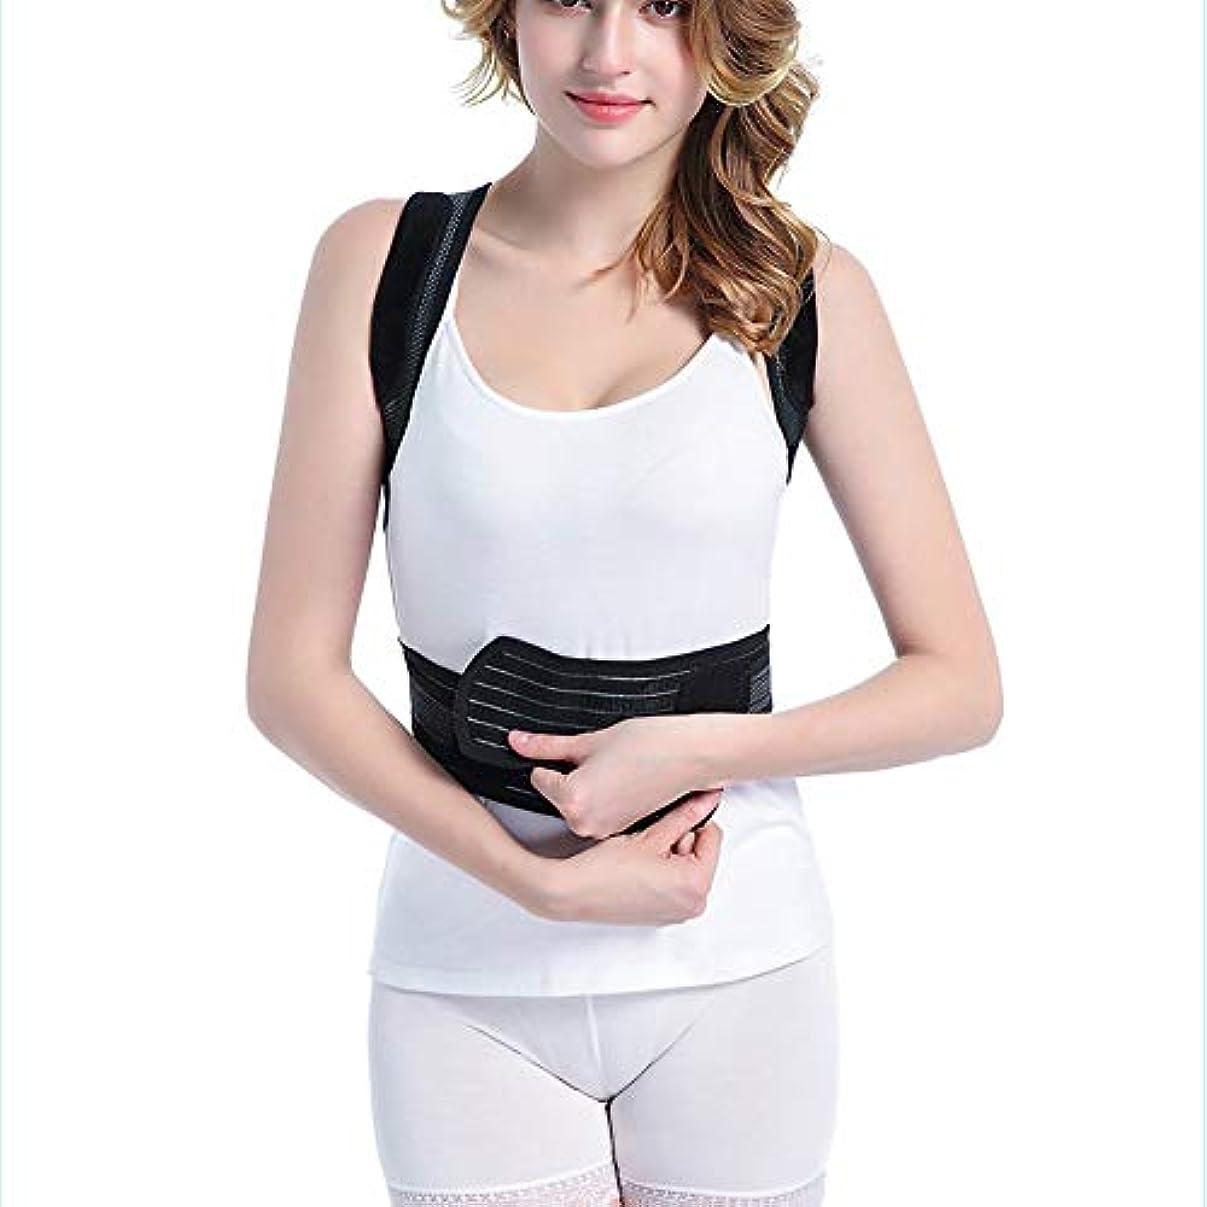 瞳敏感なお肉ブラックバックポスチャーコレクター(女性および男性用)ポスチャトレーナーバックブレース(鎖骨サポート用)およびバックストレイテナー(痛み止め) B830 (Color : Black, Size : XS)